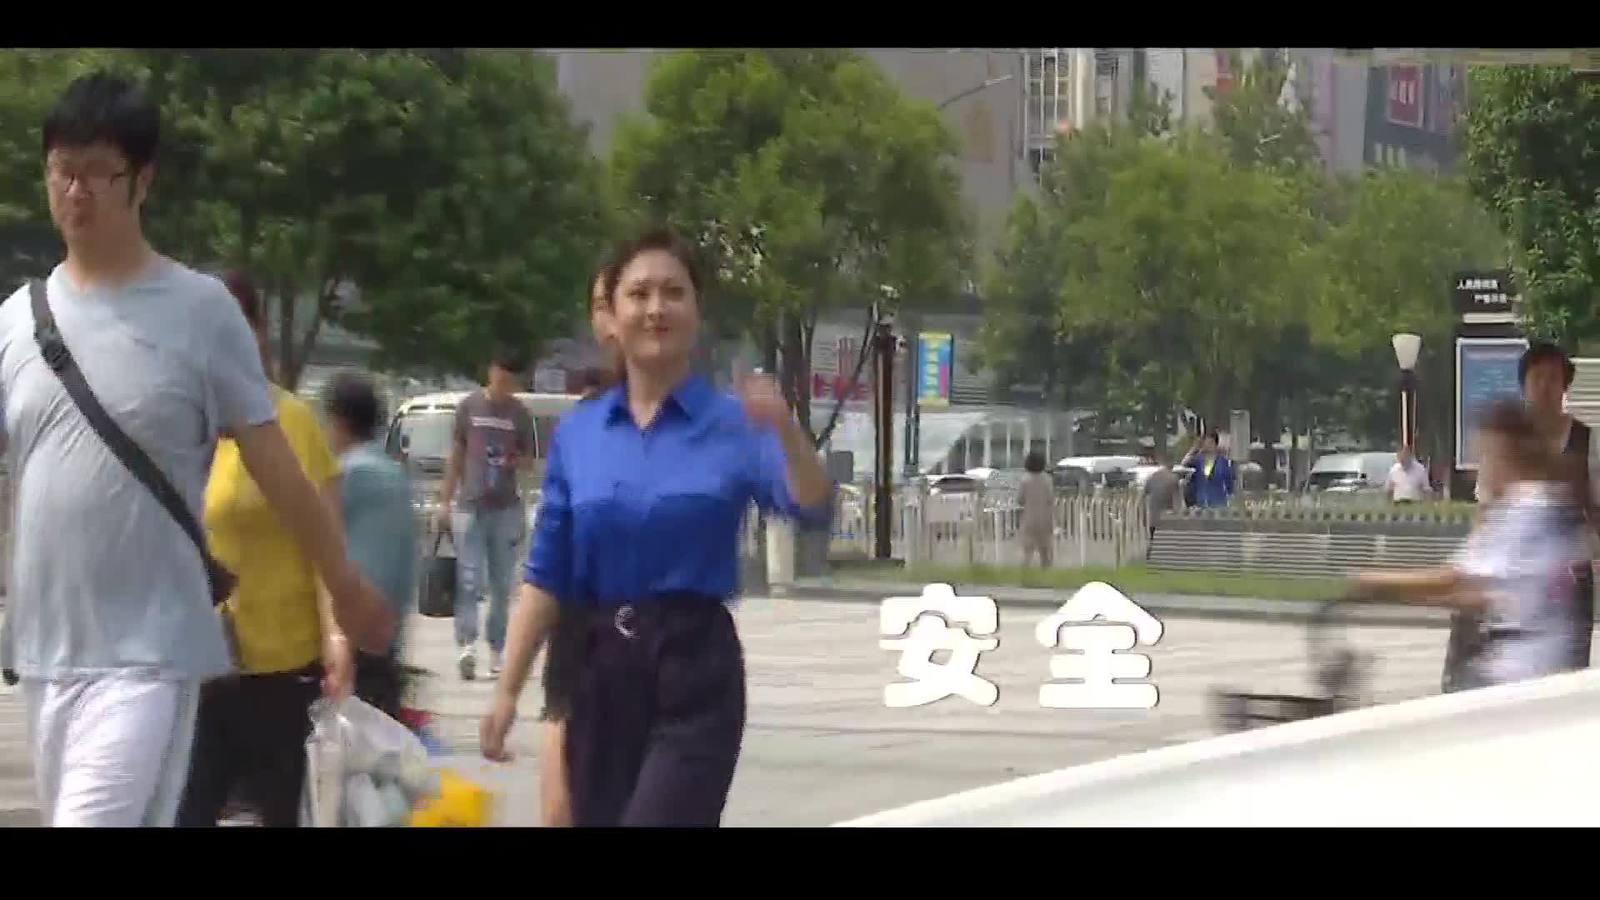 【看咸陽·公益宣傳片】車讓人 人守規